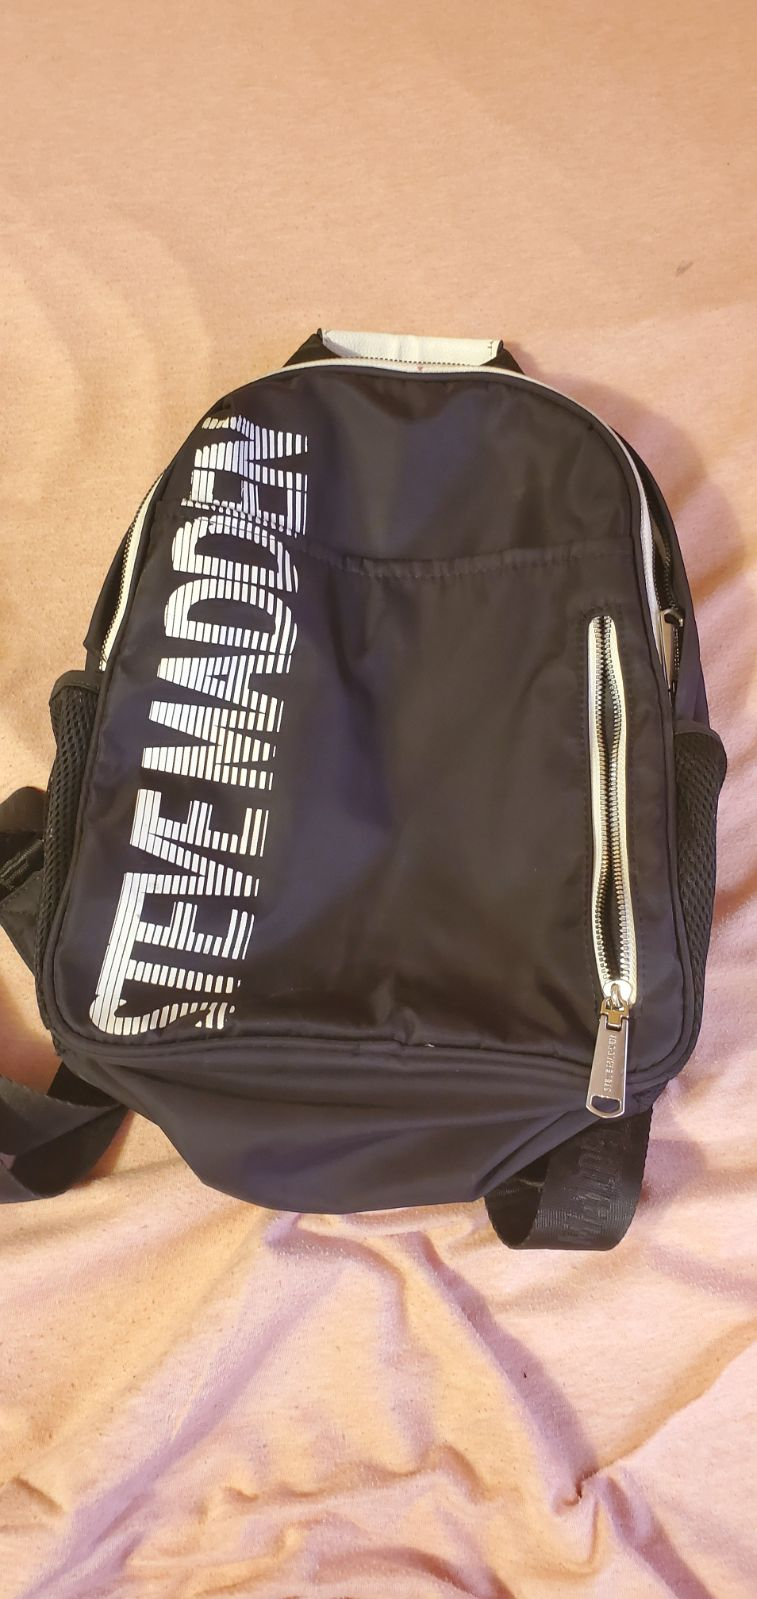 Steve madden backpack